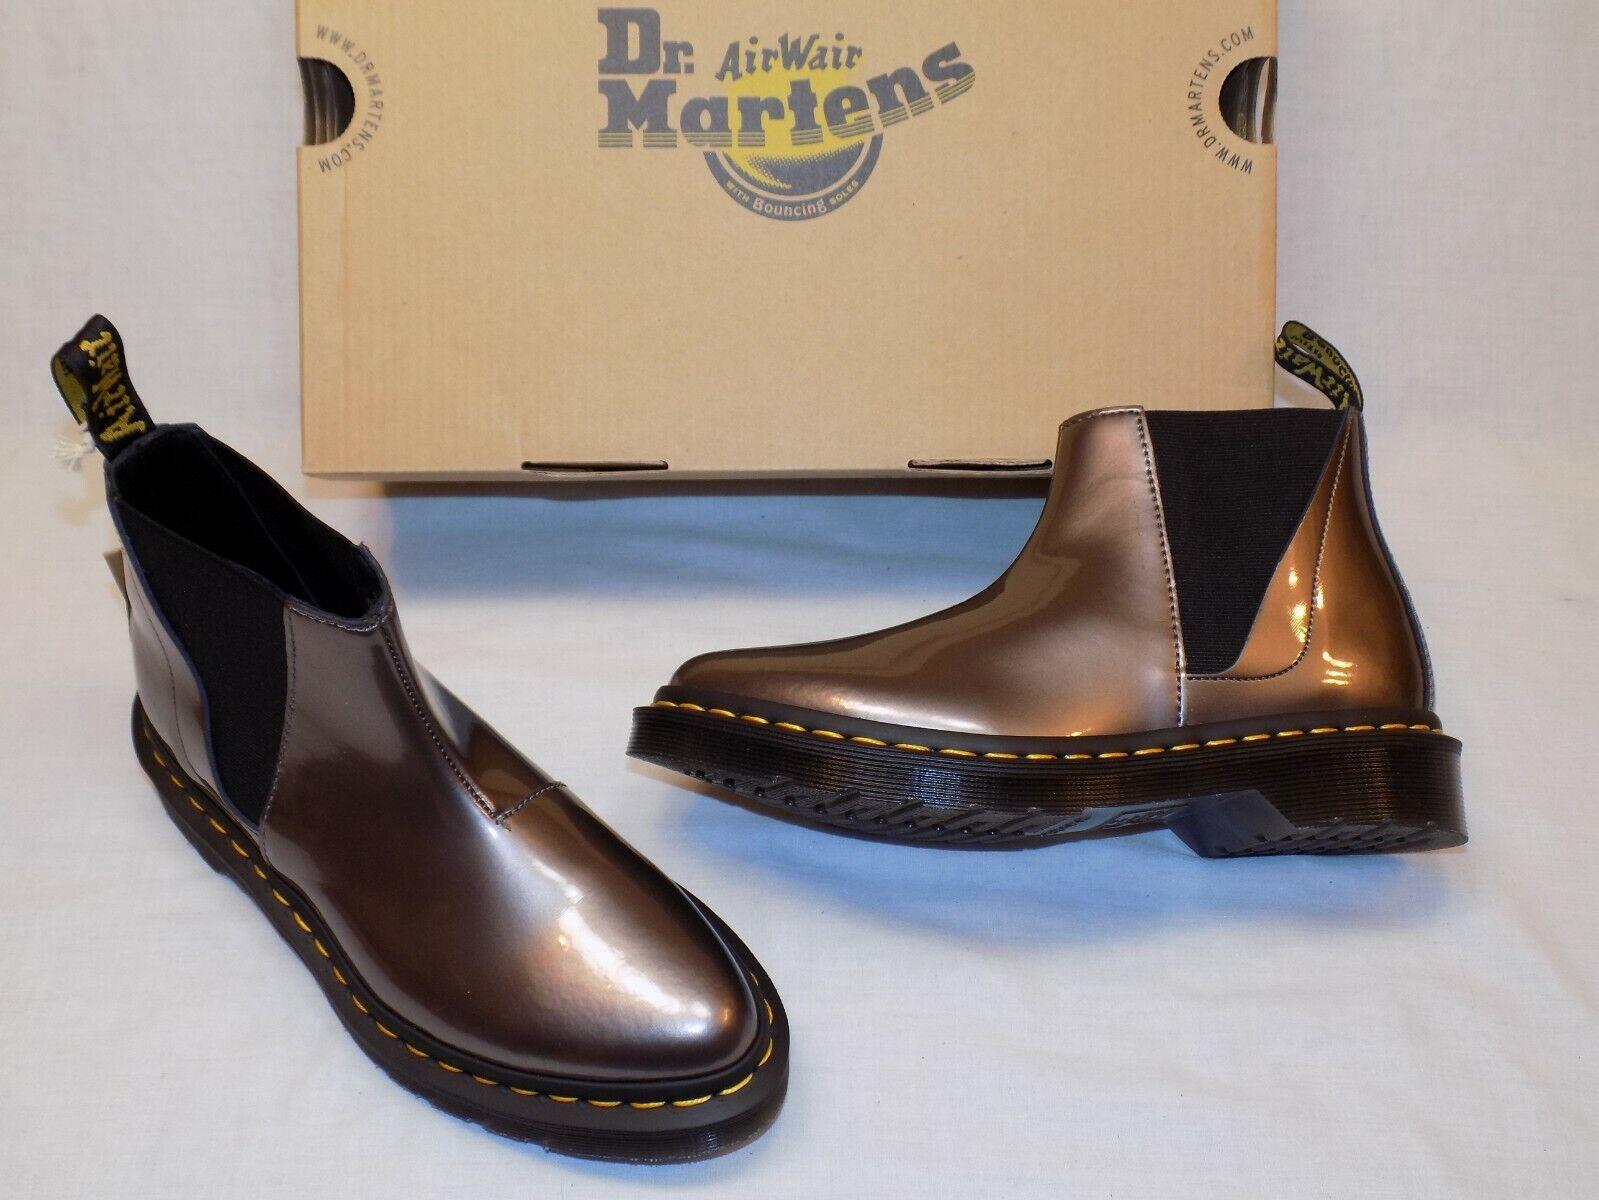 Nuevo Para Mujeres Dr. Martens Air Wair blanco Chelsea botas Estaño Spectra Patente de EE. UU. 6